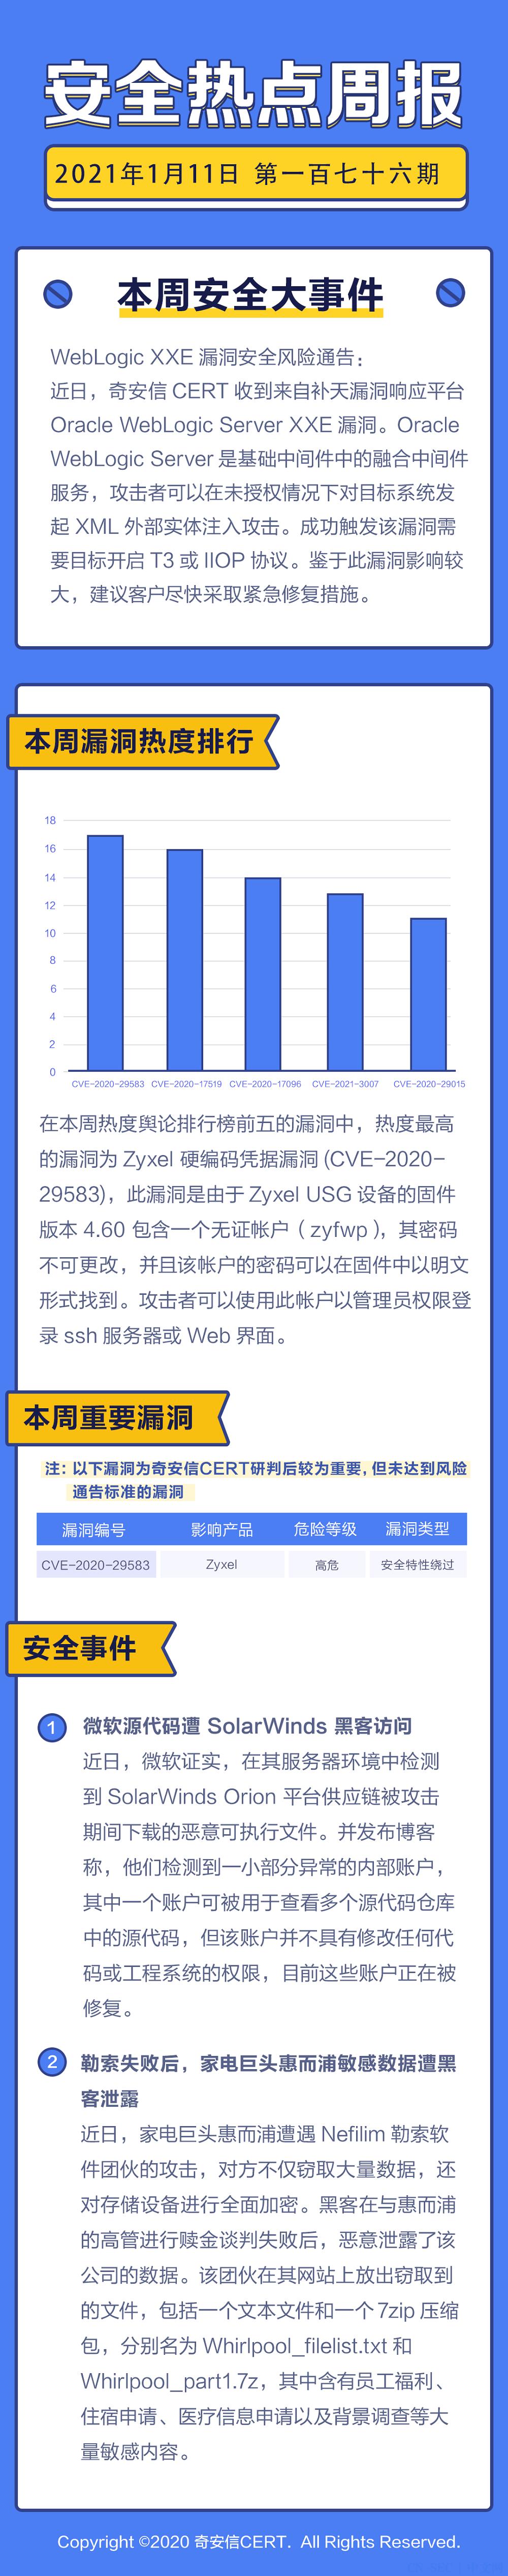 【安全热点周报】第176期:WebLogic XXE漏洞安全风险通告